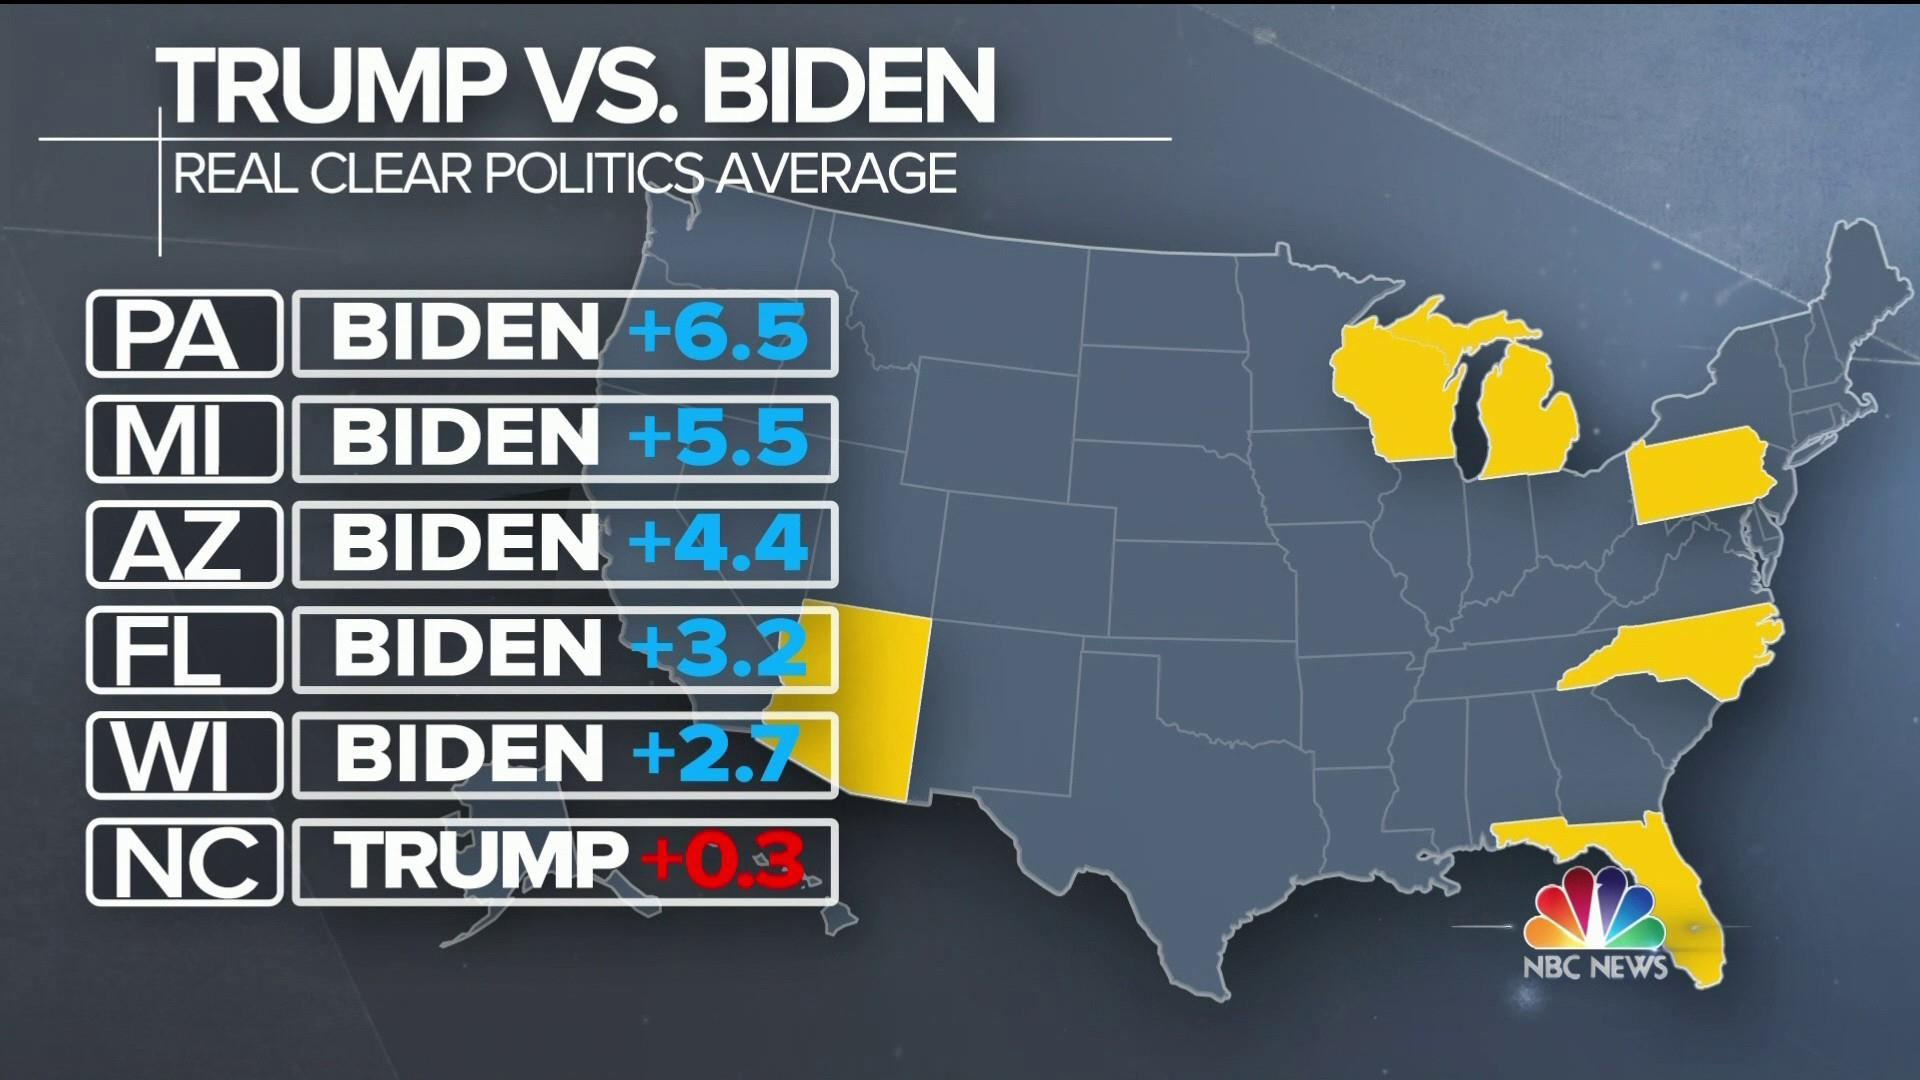 Trump trails Biden in battleground states in latest polls